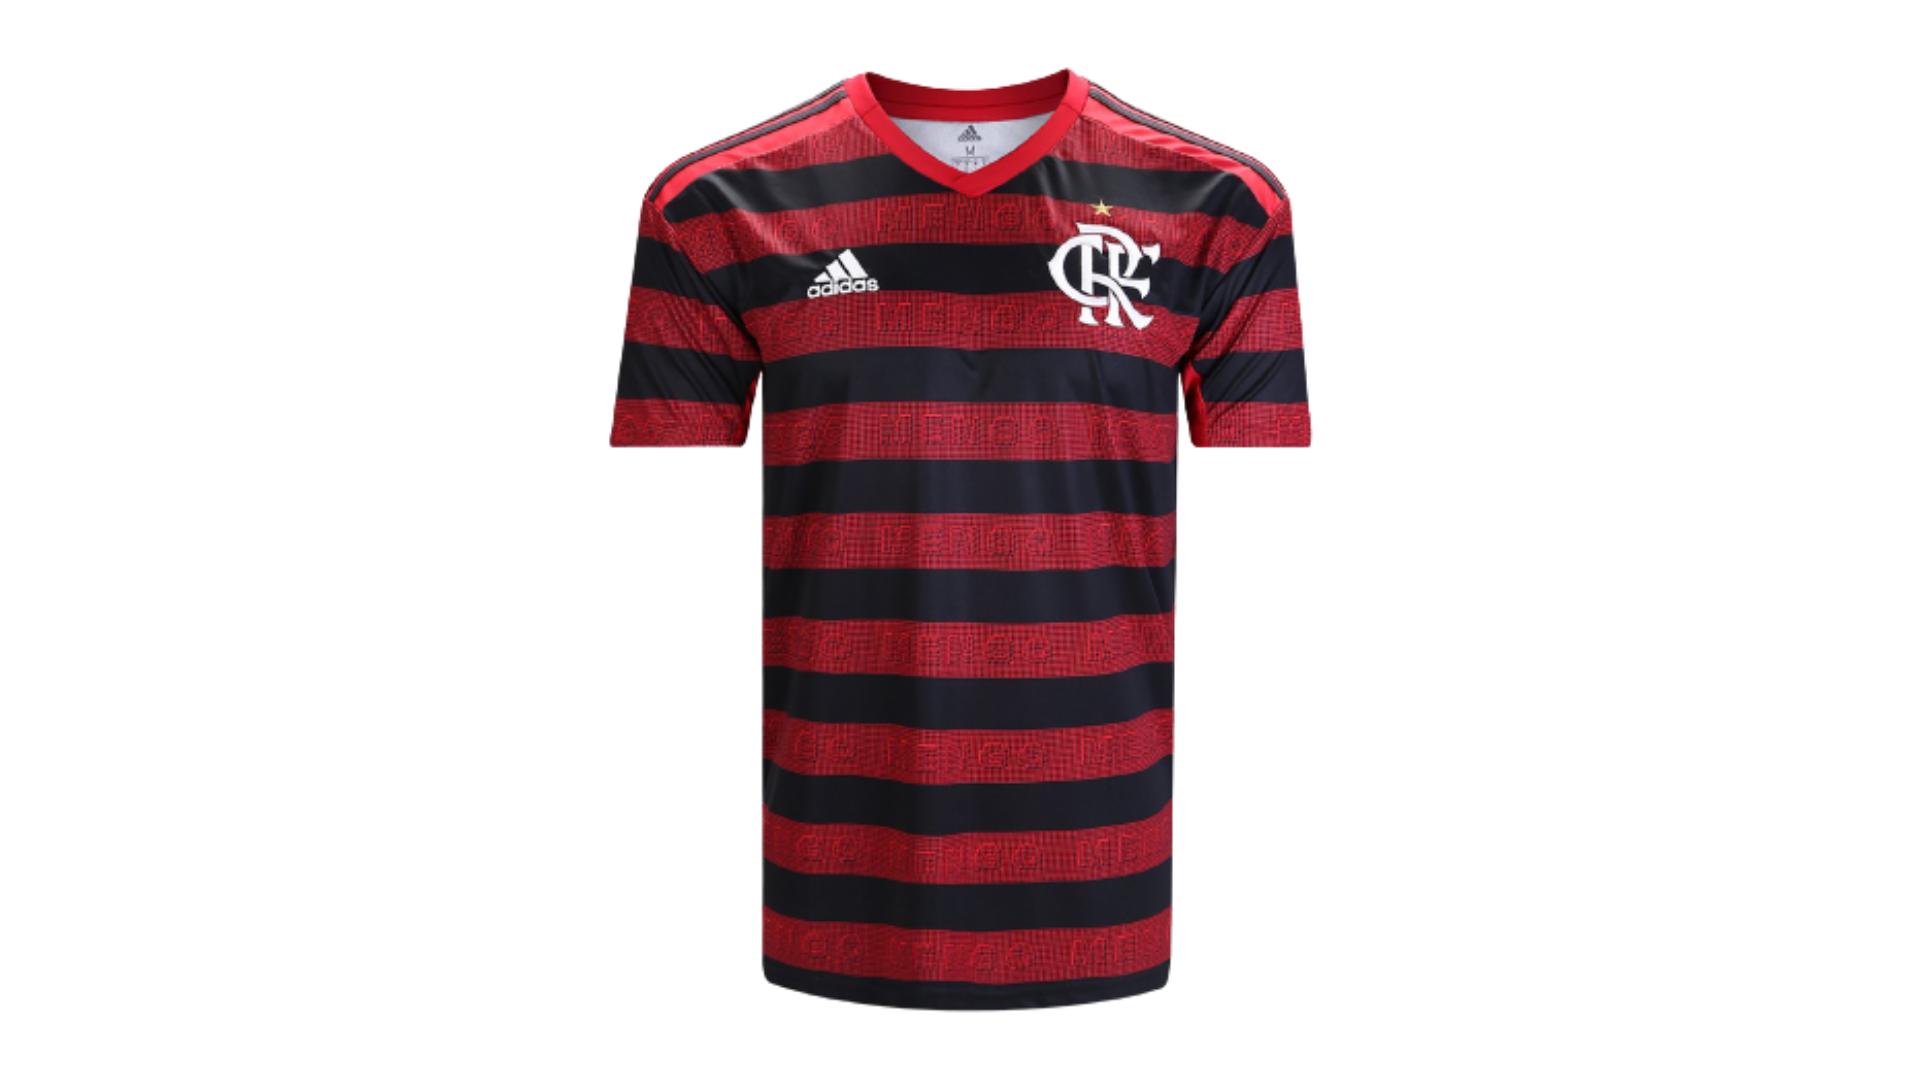 Camisa do Flamengo 2019 Adidas Jogo 1 (Imagem: Divulgação/Adidas)